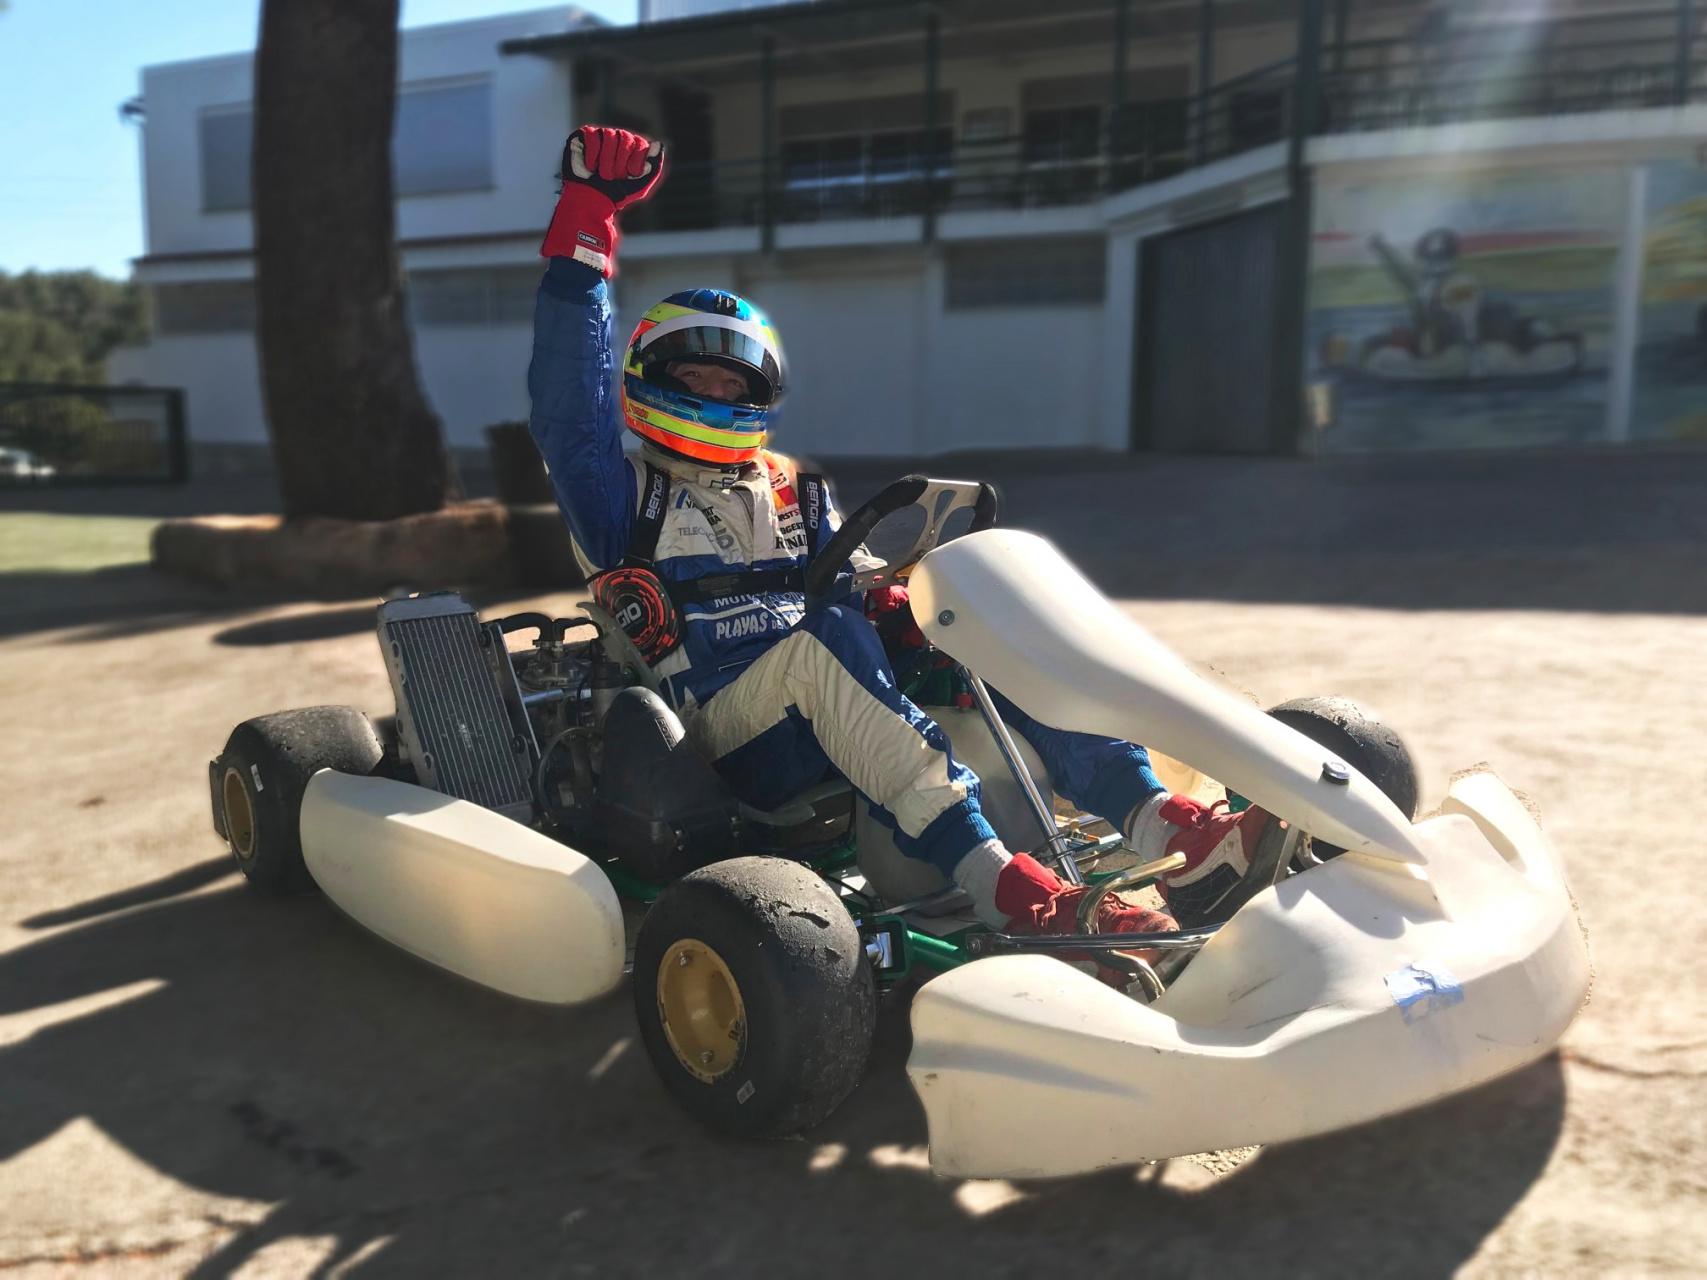 Cuando el karting es mucho más que un deporte